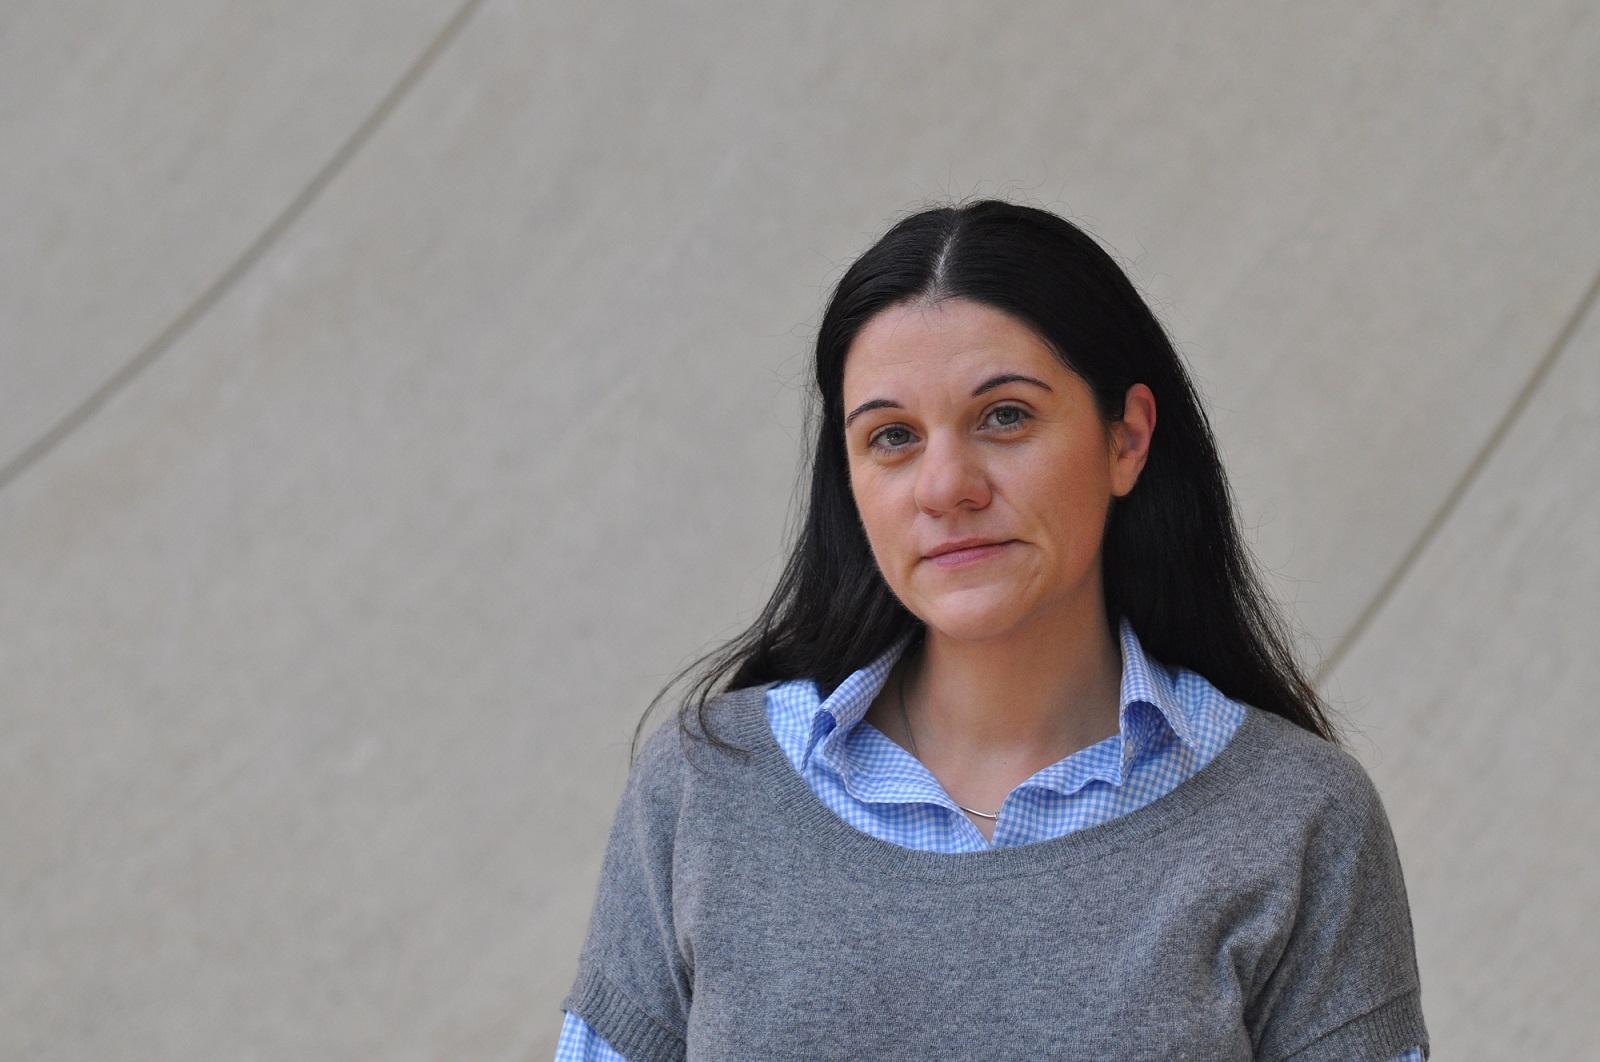 Katarina Friedla